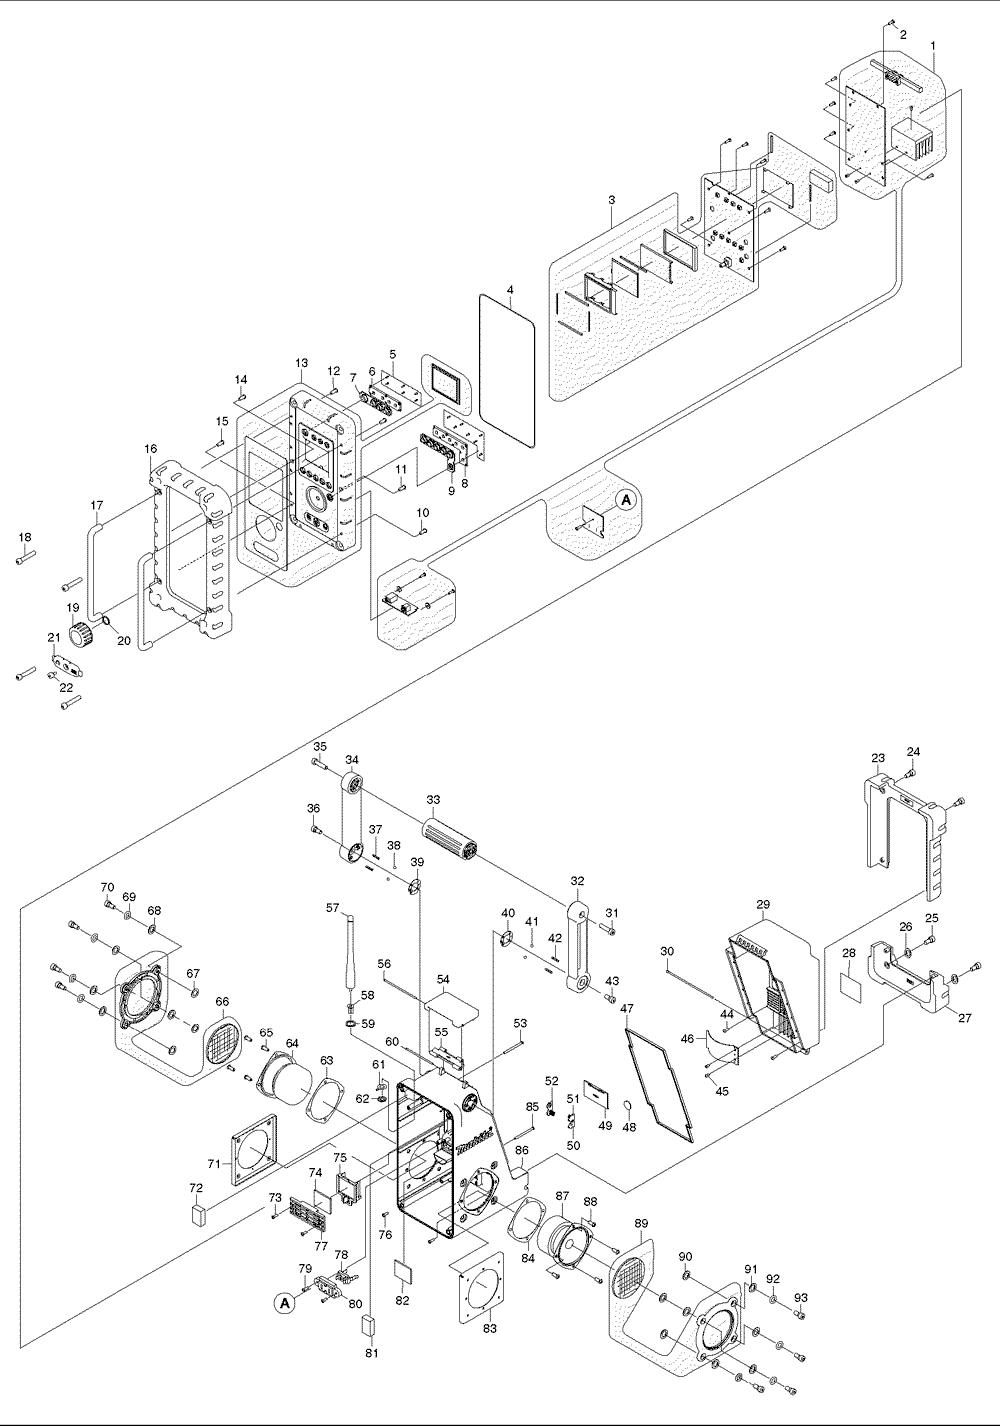 Makita 9227c Wiring Diagram | #1 Wiring Diagram Source on